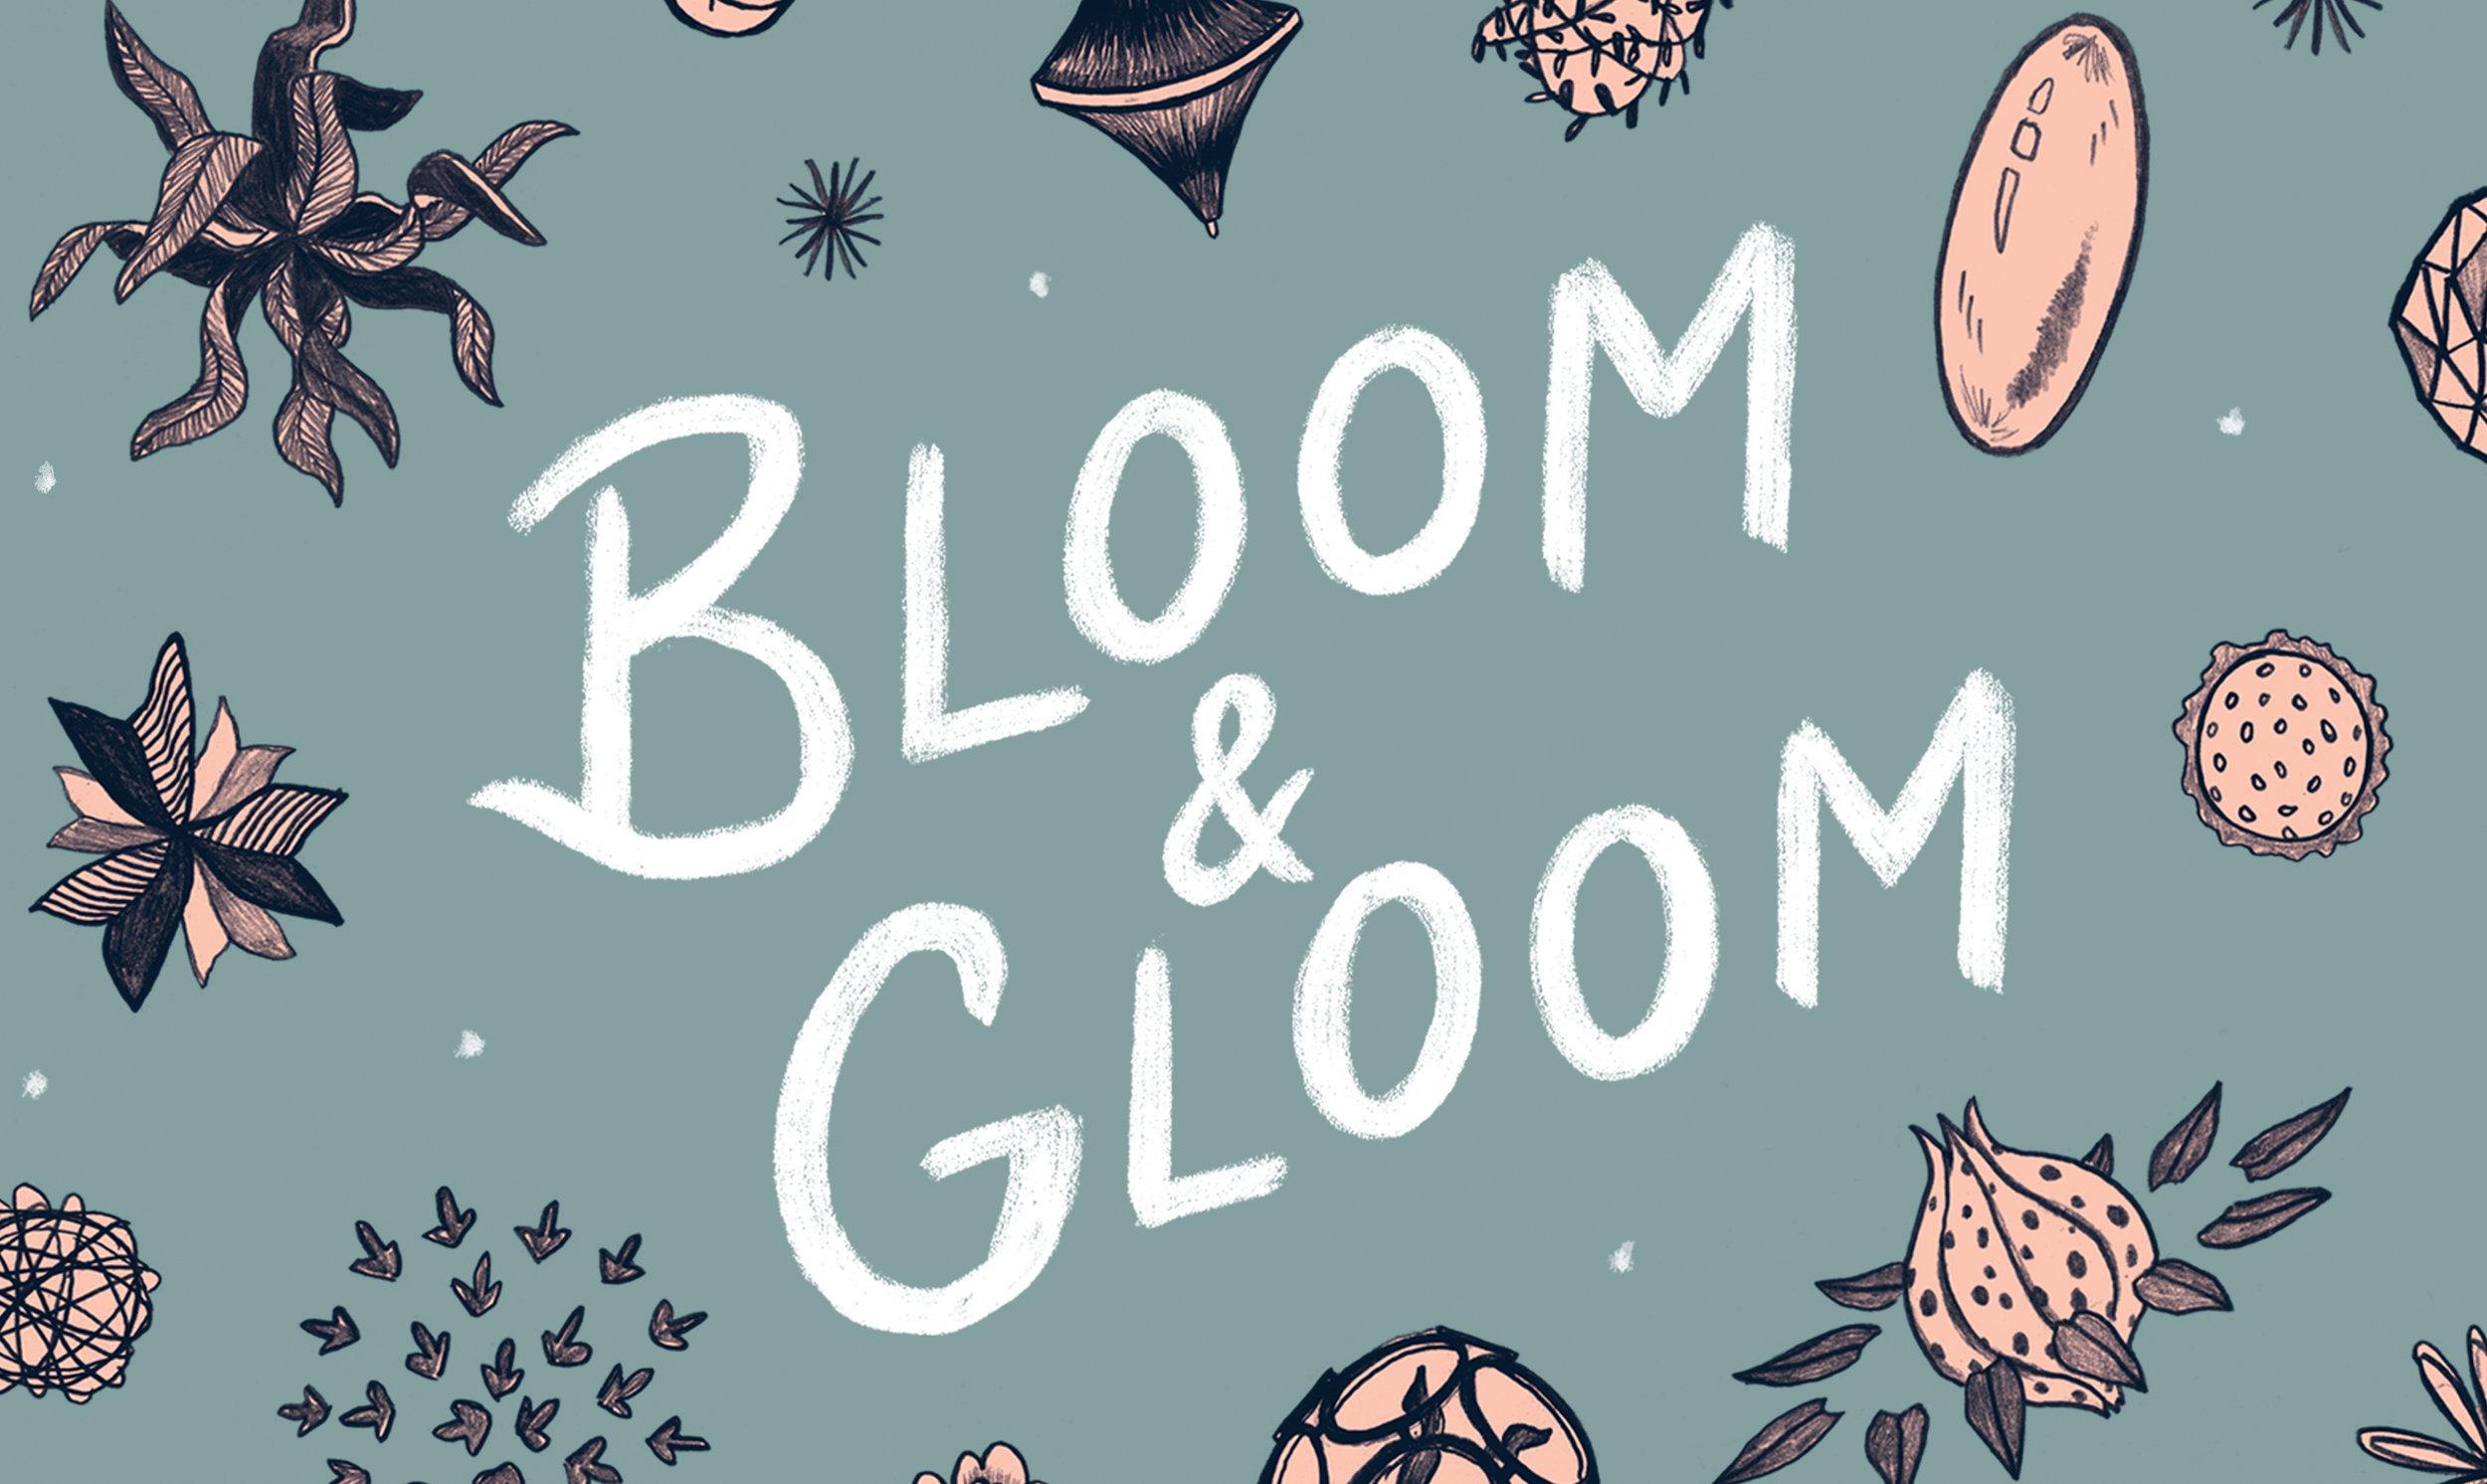 BloomGloomHeader.jpg